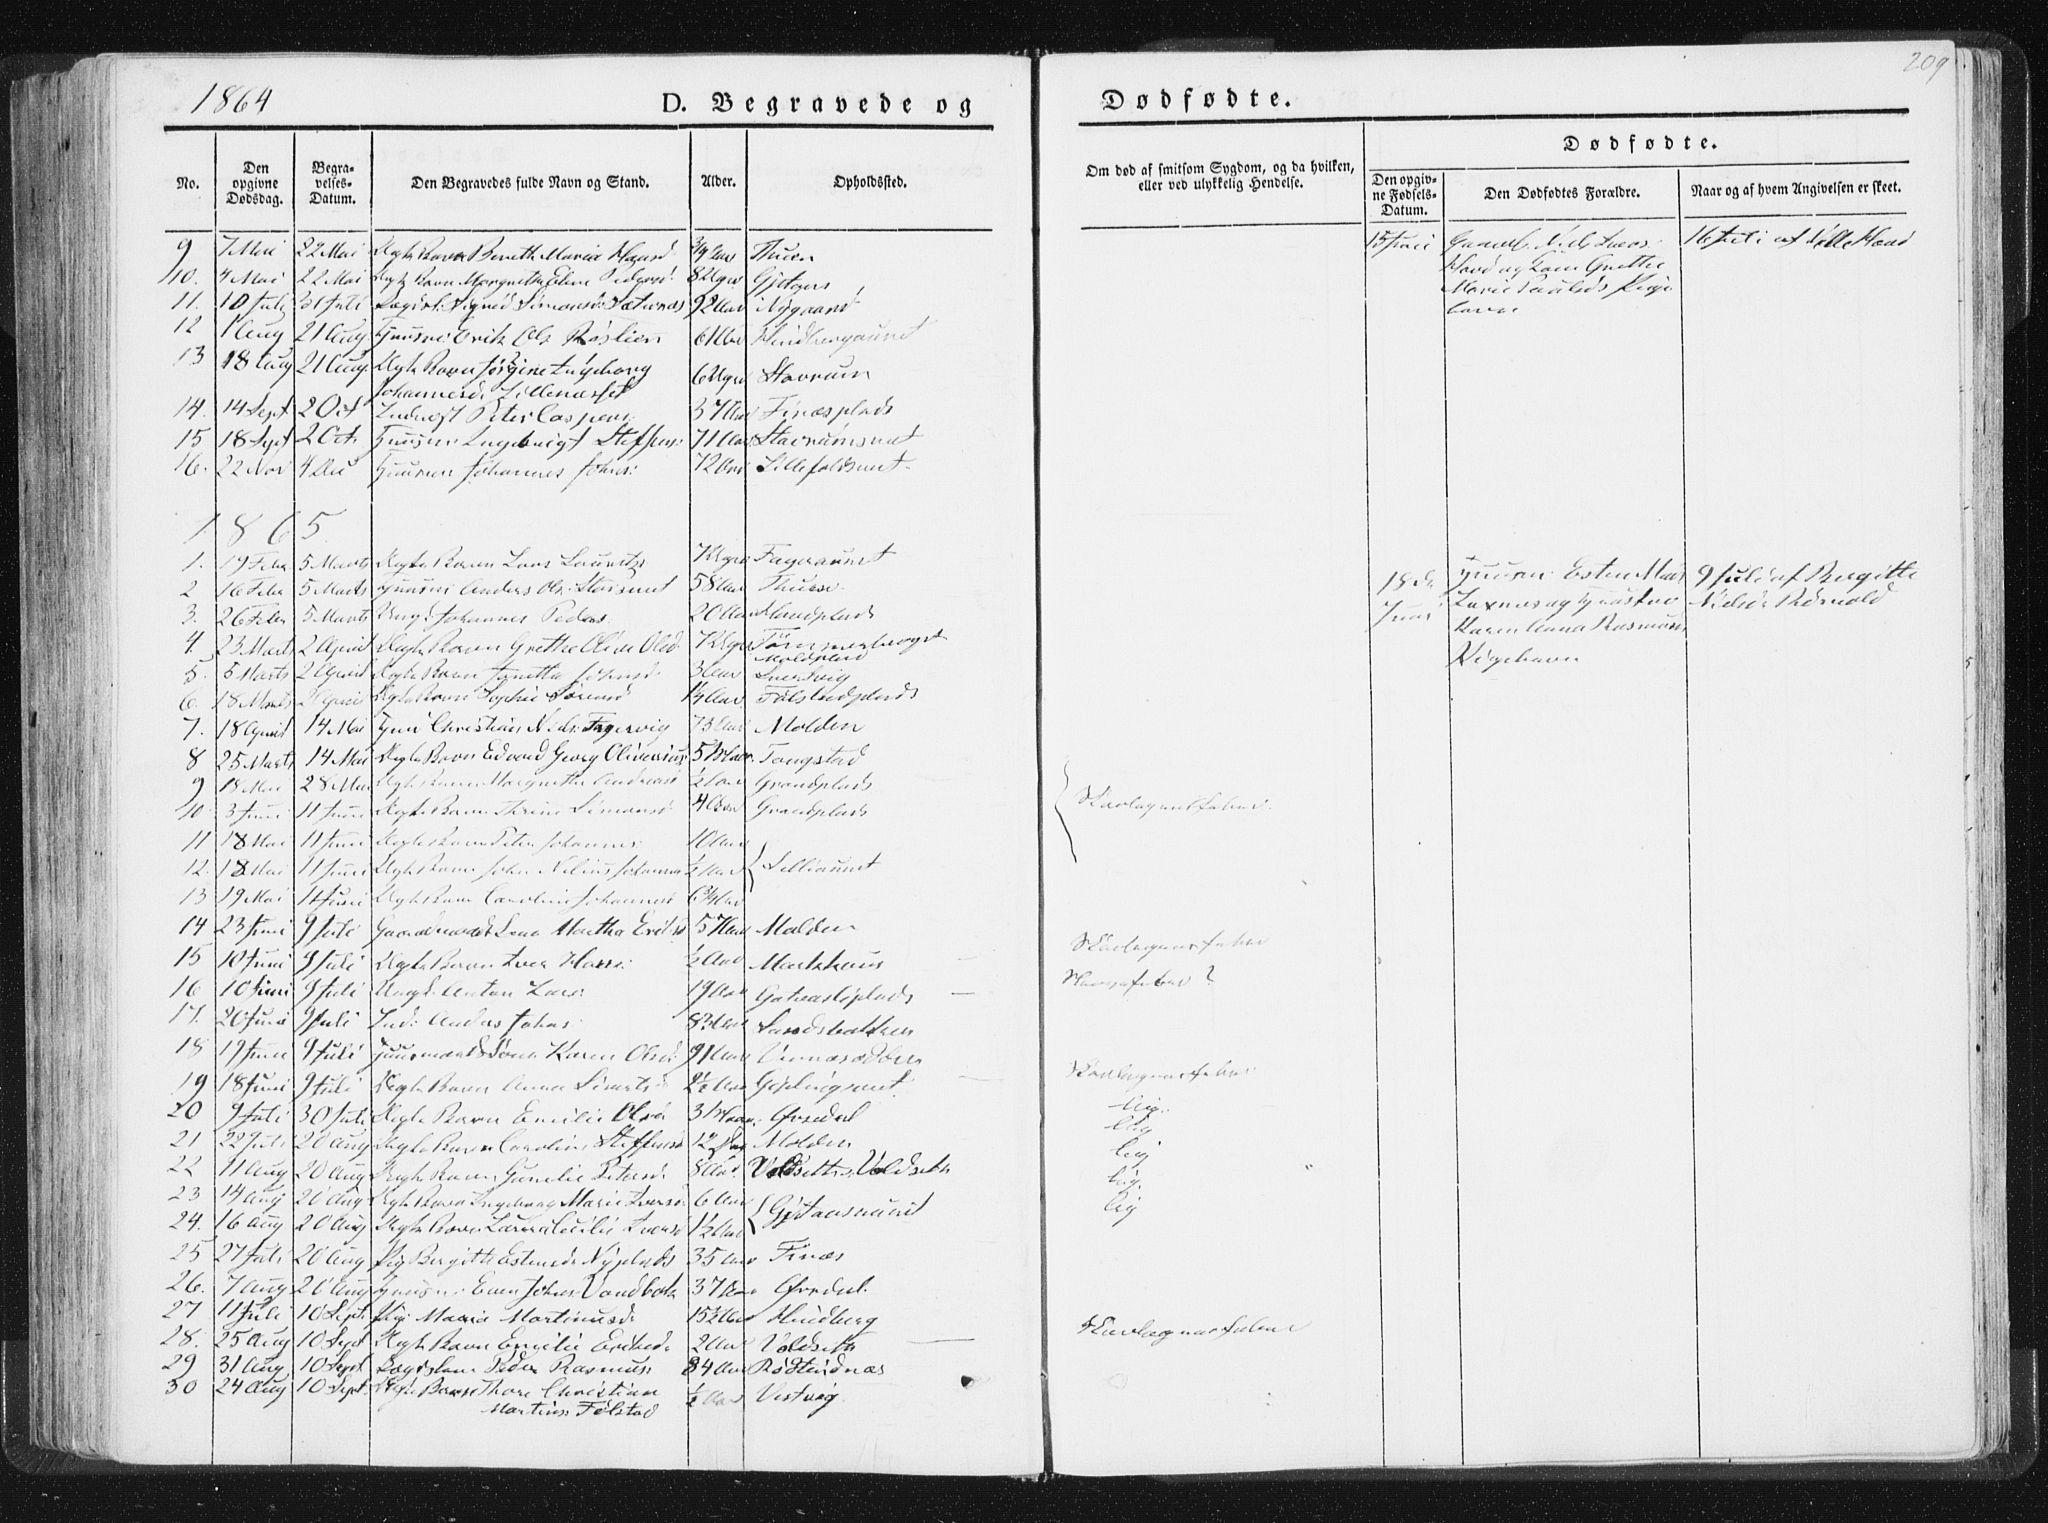 SAT, Ministerialprotokoller, klokkerbøker og fødselsregistre - Nord-Trøndelag, 744/L0418: Ministerialbok nr. 744A02, 1843-1866, s. 209